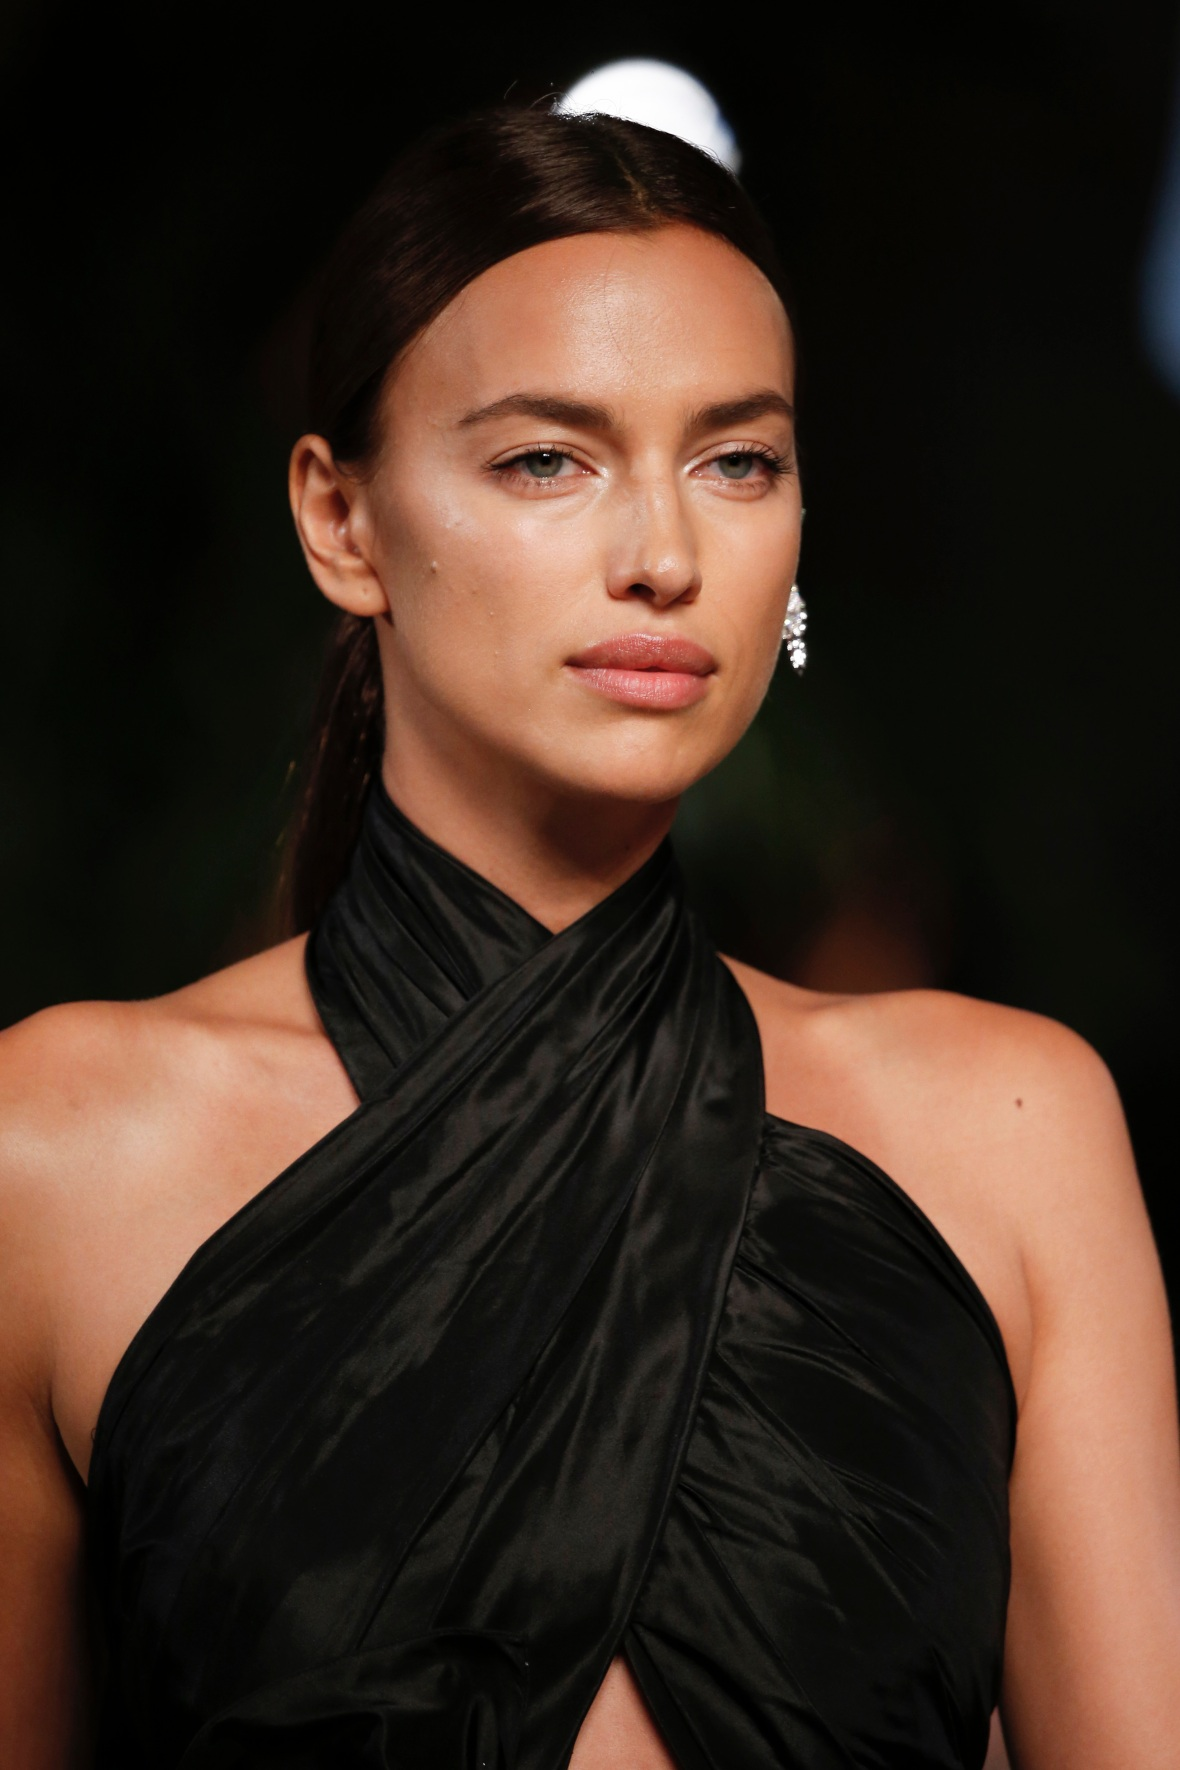 Irina Shayk Wearing a Black Dress at an Event